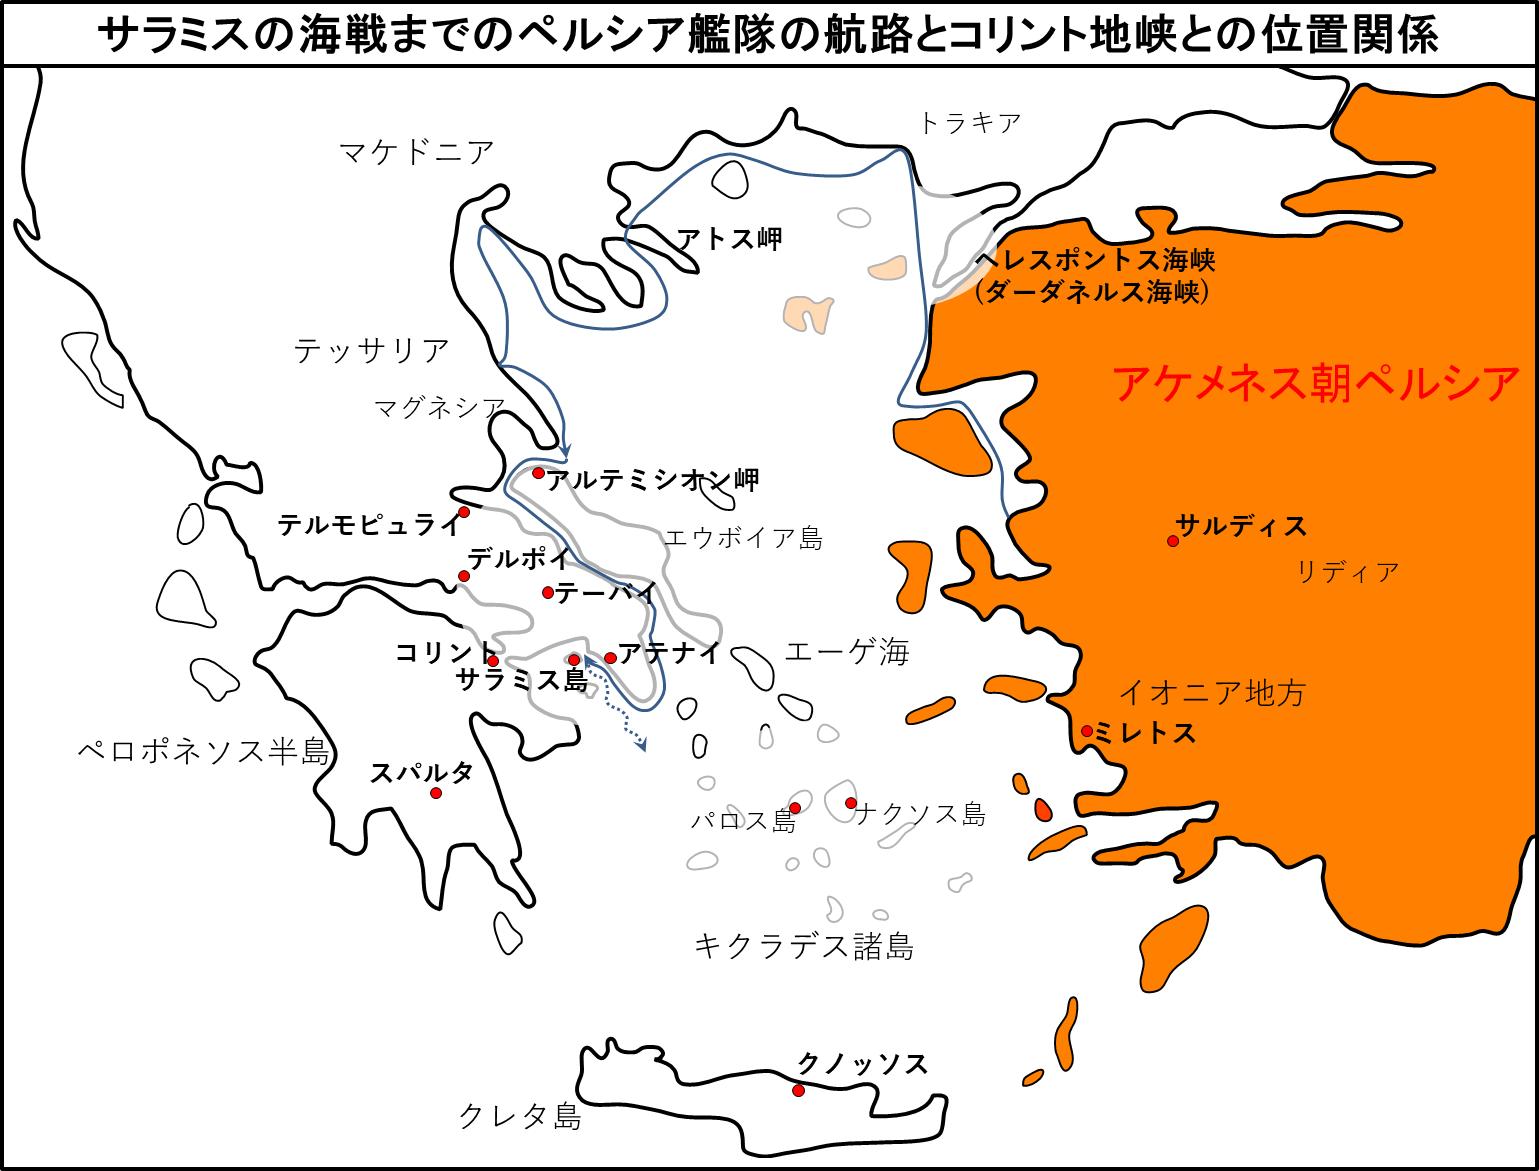 サラミスの海戦までのペルシア艦隊の航路とコリント地峡との位置関係